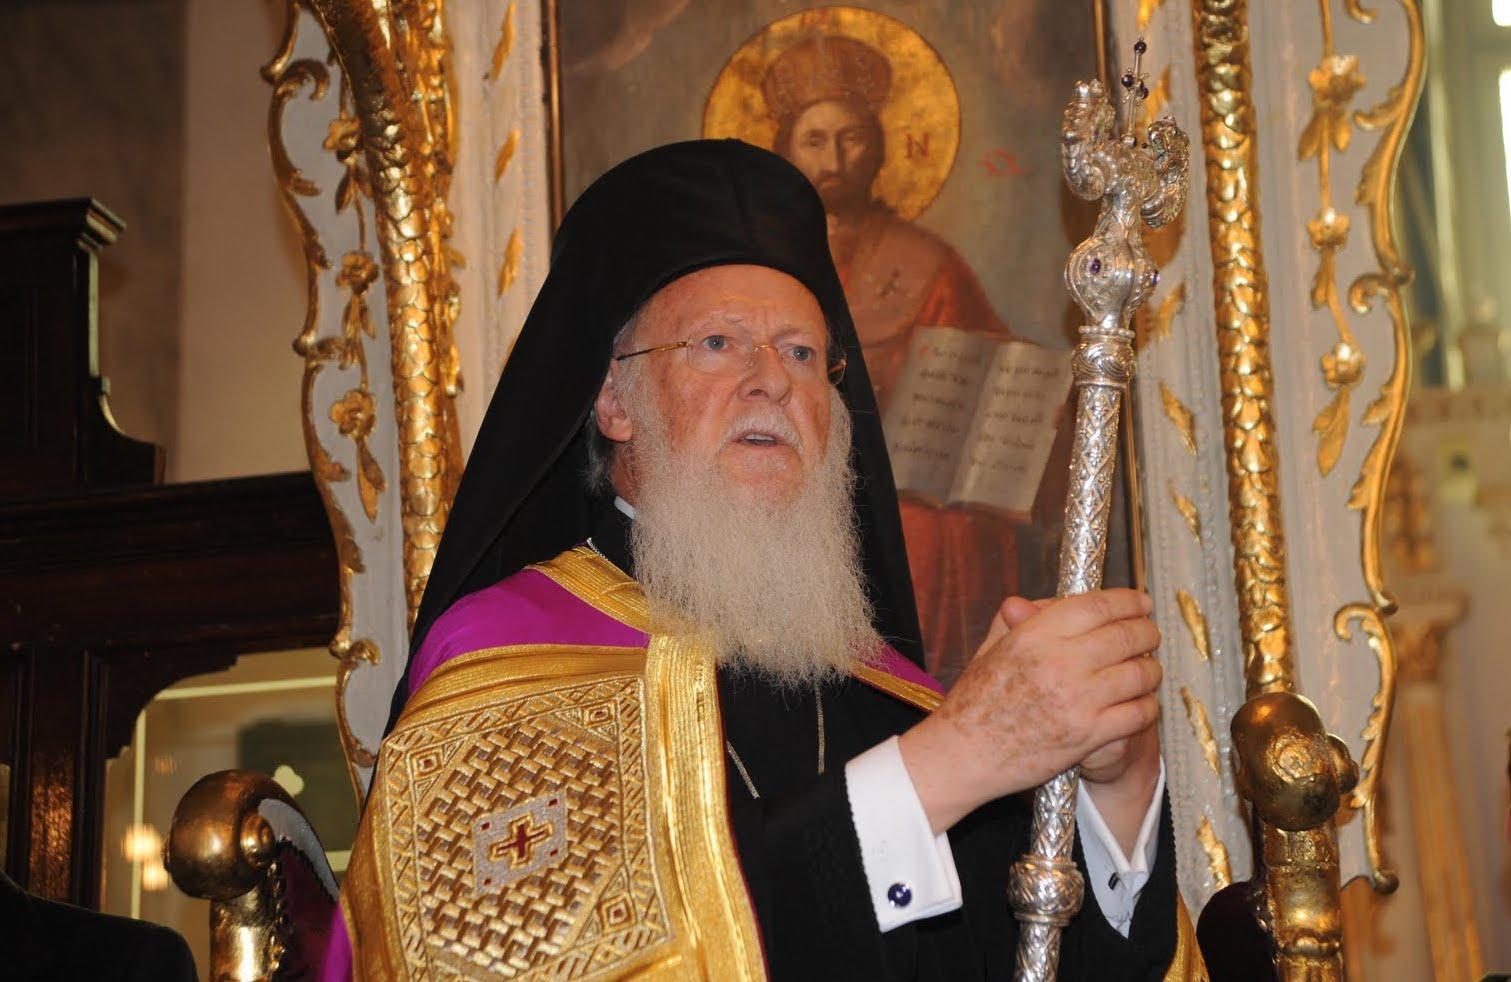 """Πατριάρχης Βαρθολομαίος: """"Πονέσαμε από την μετατροπή της Αγίας Σοφίας και της Μονής της Χώρας σε τζαμί"""""""